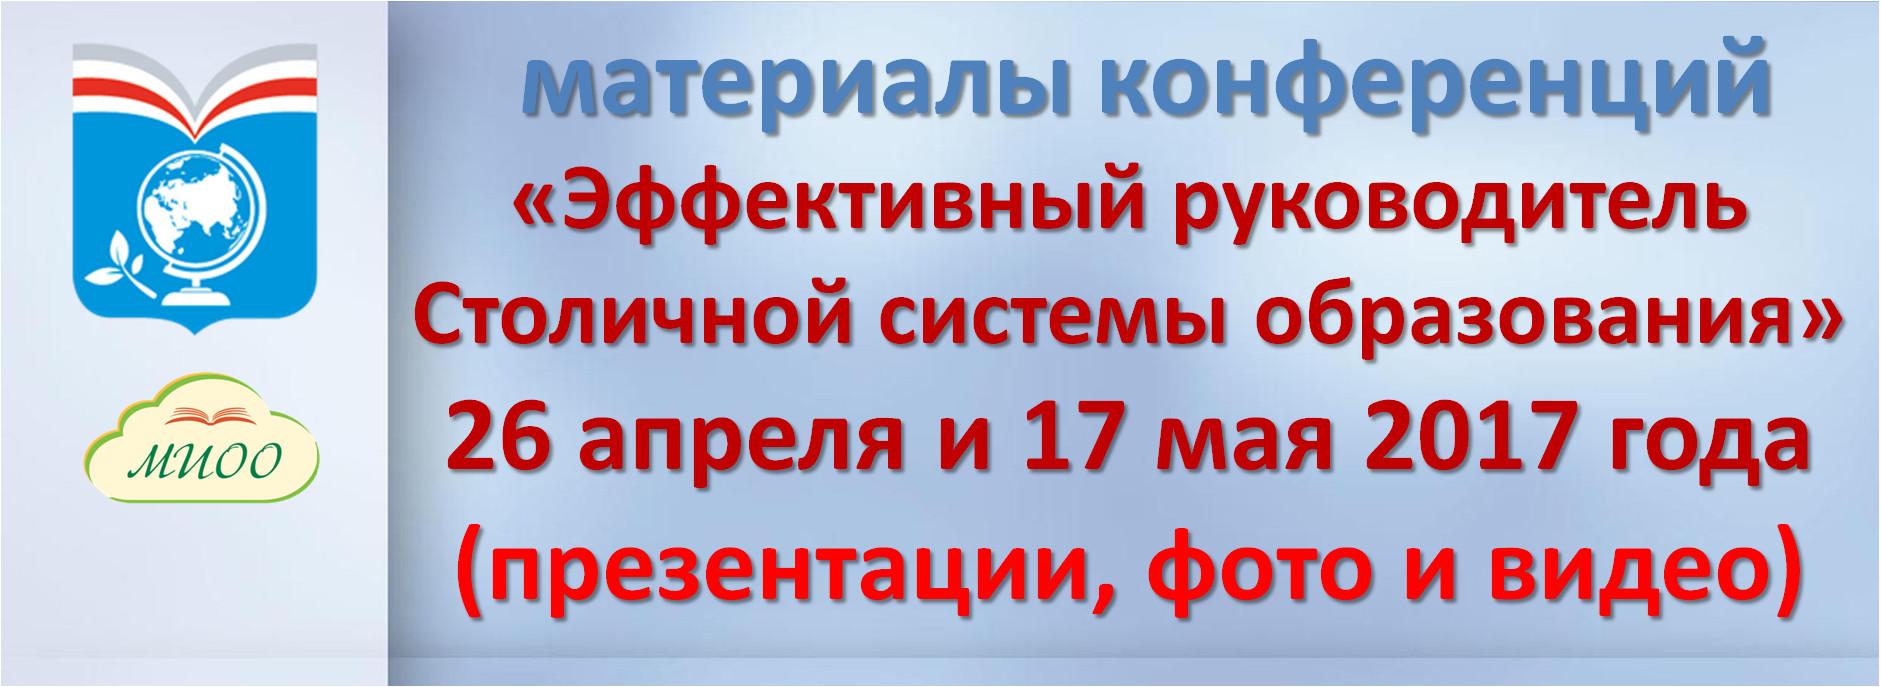 Эффективный руководитель Столичной системы образования 2016-2017